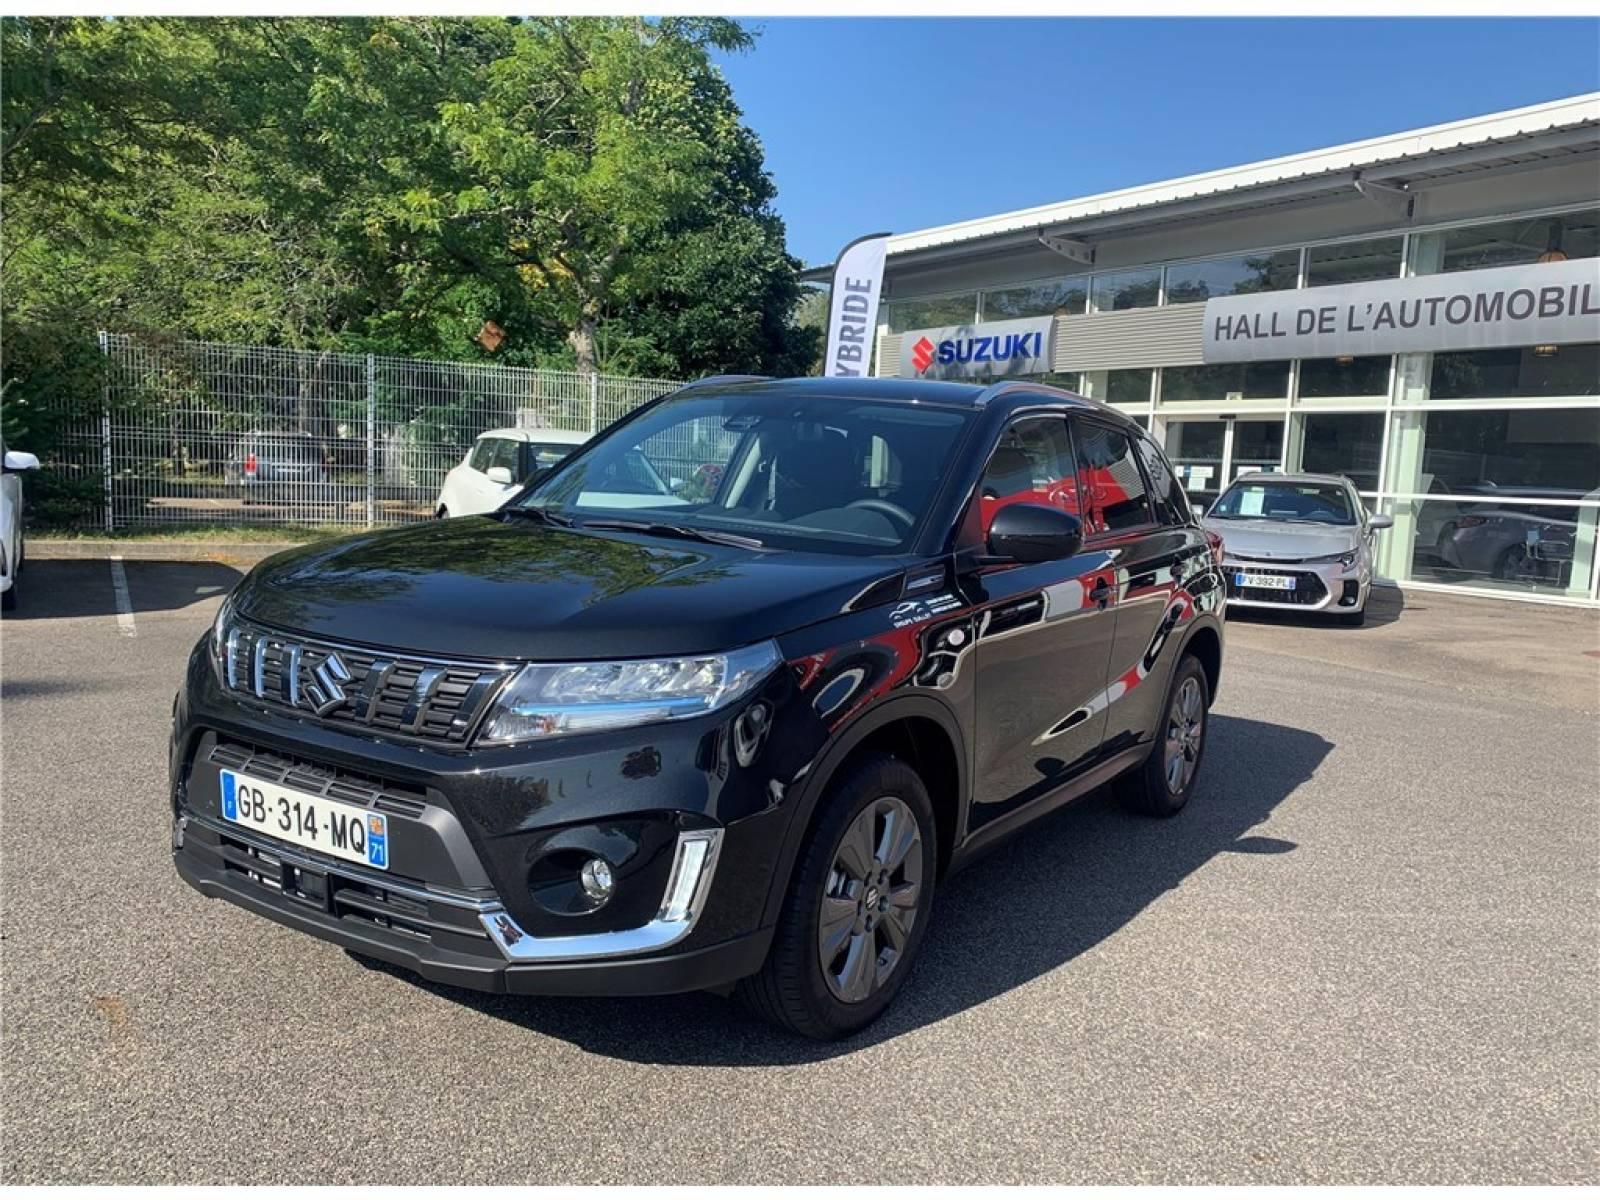 SUZUKI Vitara 1.4 Boosterjet Hybrid - véhicule d'occasion - Groupe Guillet - Hall de l'automobile - Montceau les Mines - 71300 - Montceau-les-Mines - 1